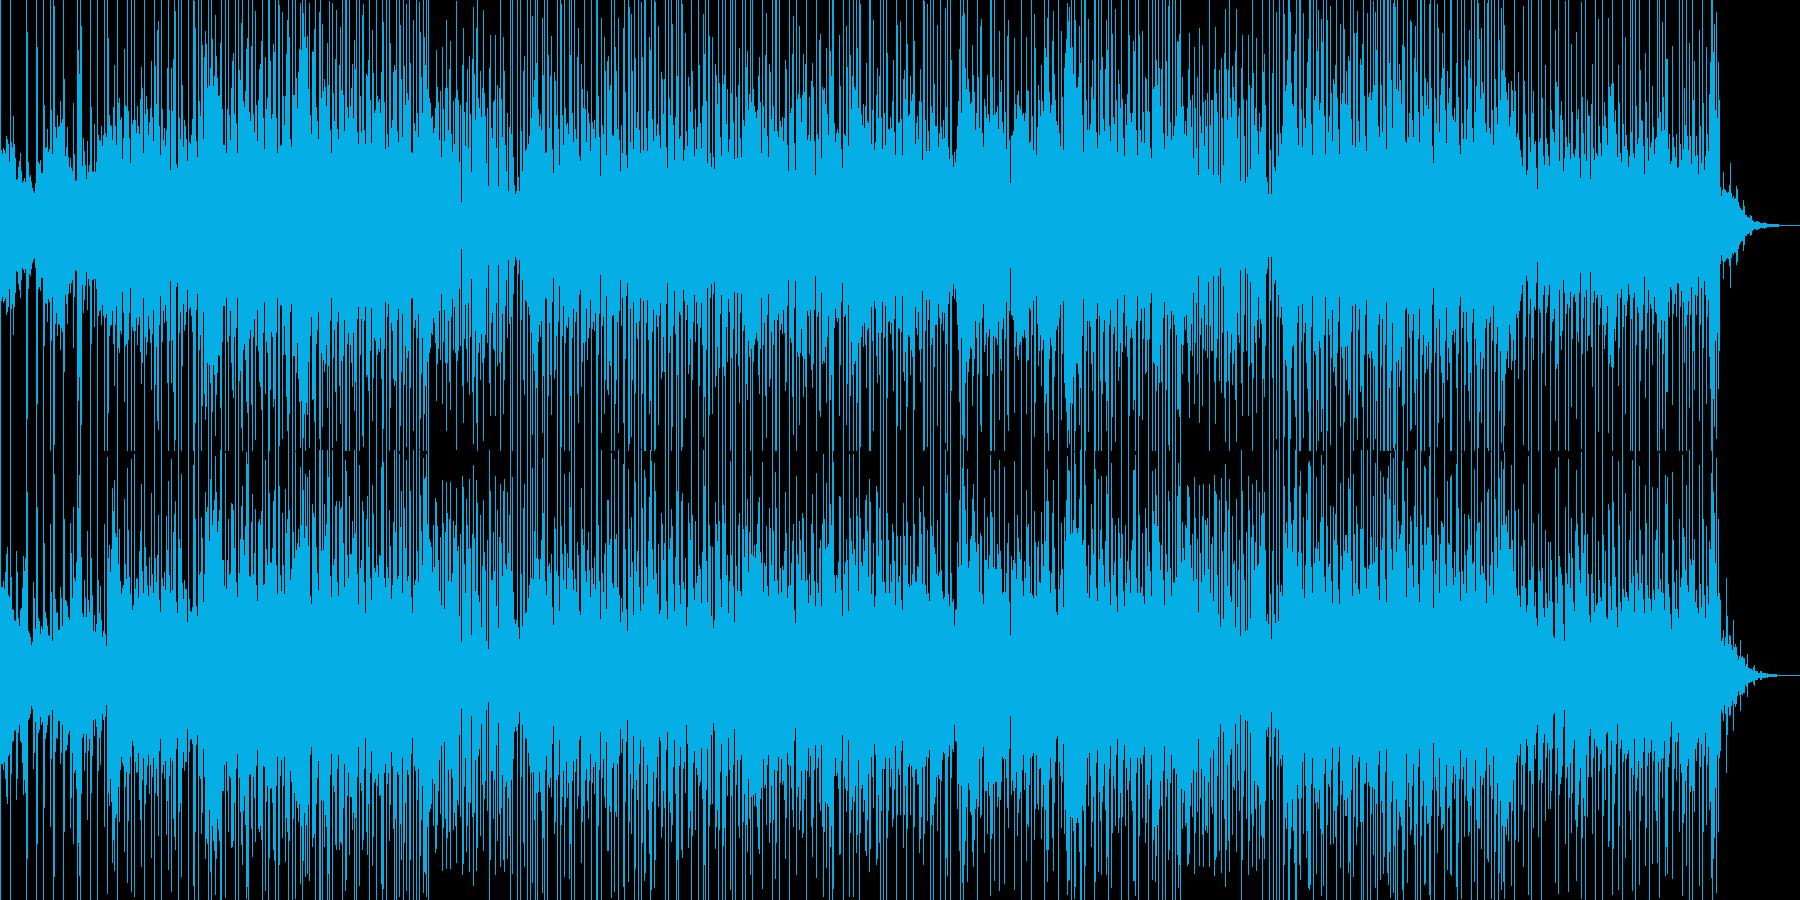 耳に残るピチカートのメロディが印象的な曲の再生済みの波形